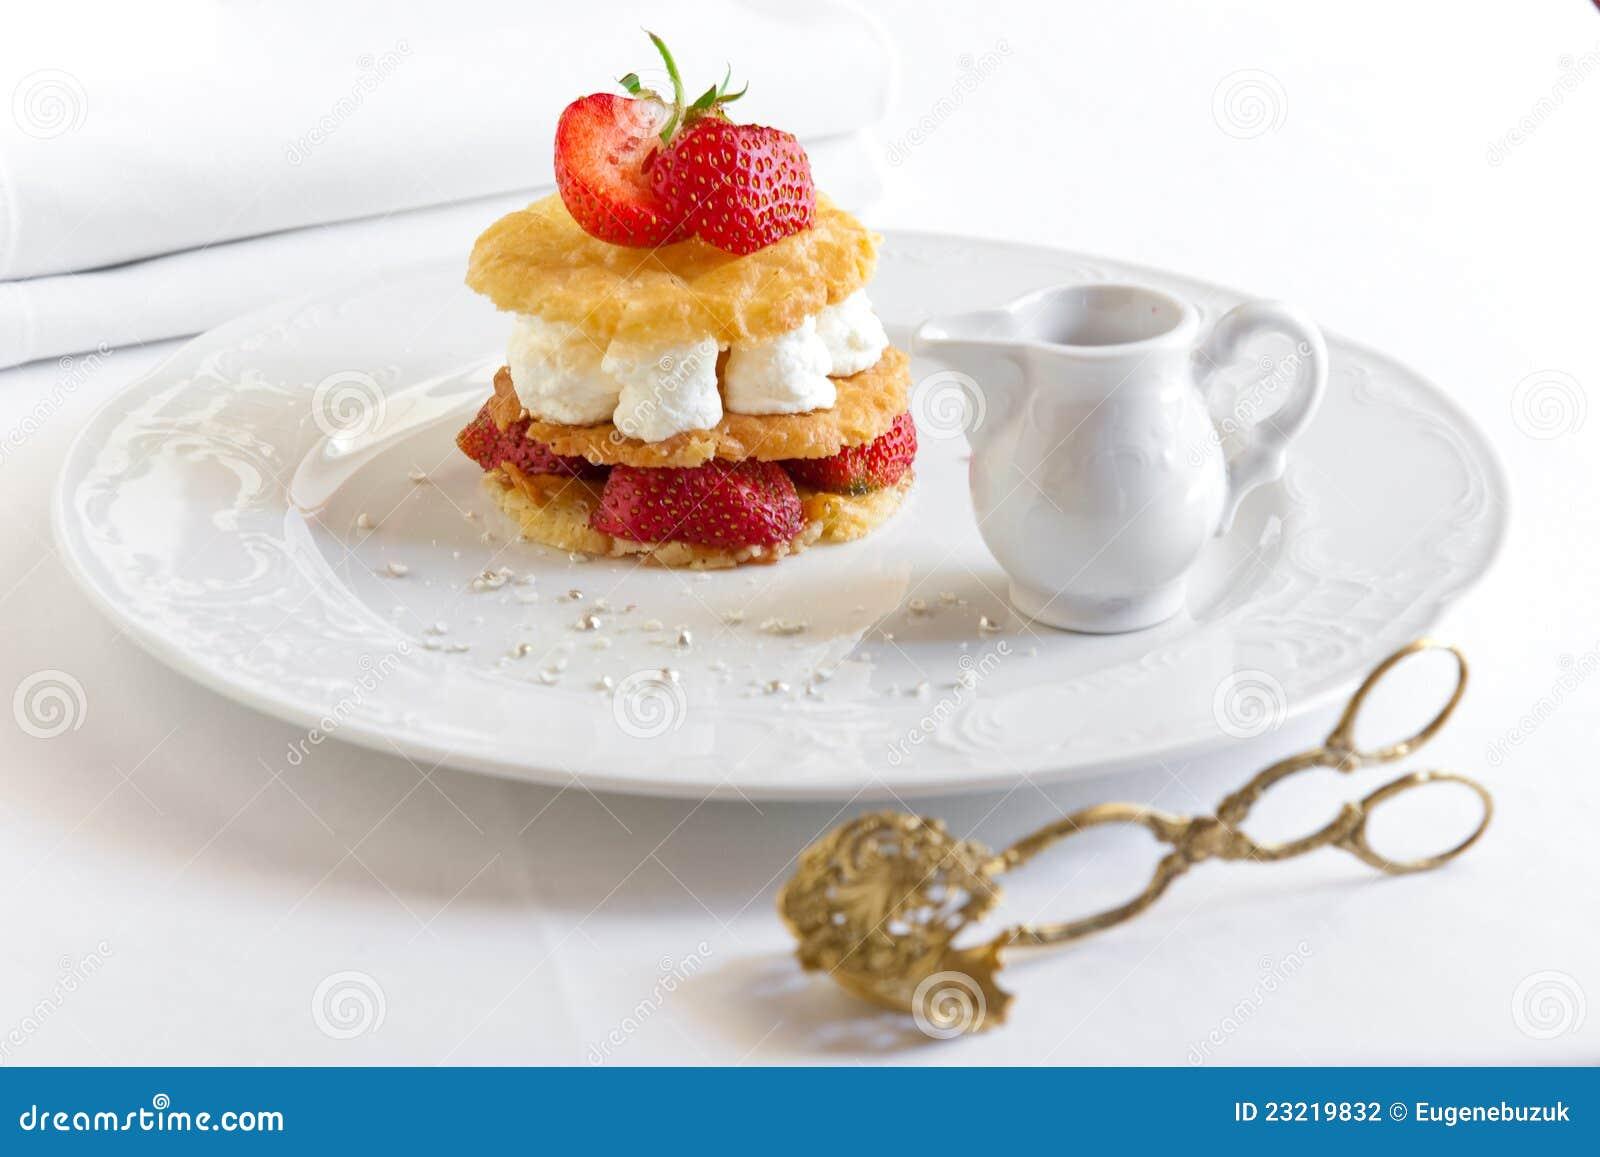 dessert avec des fraises photographie stock image 23219832